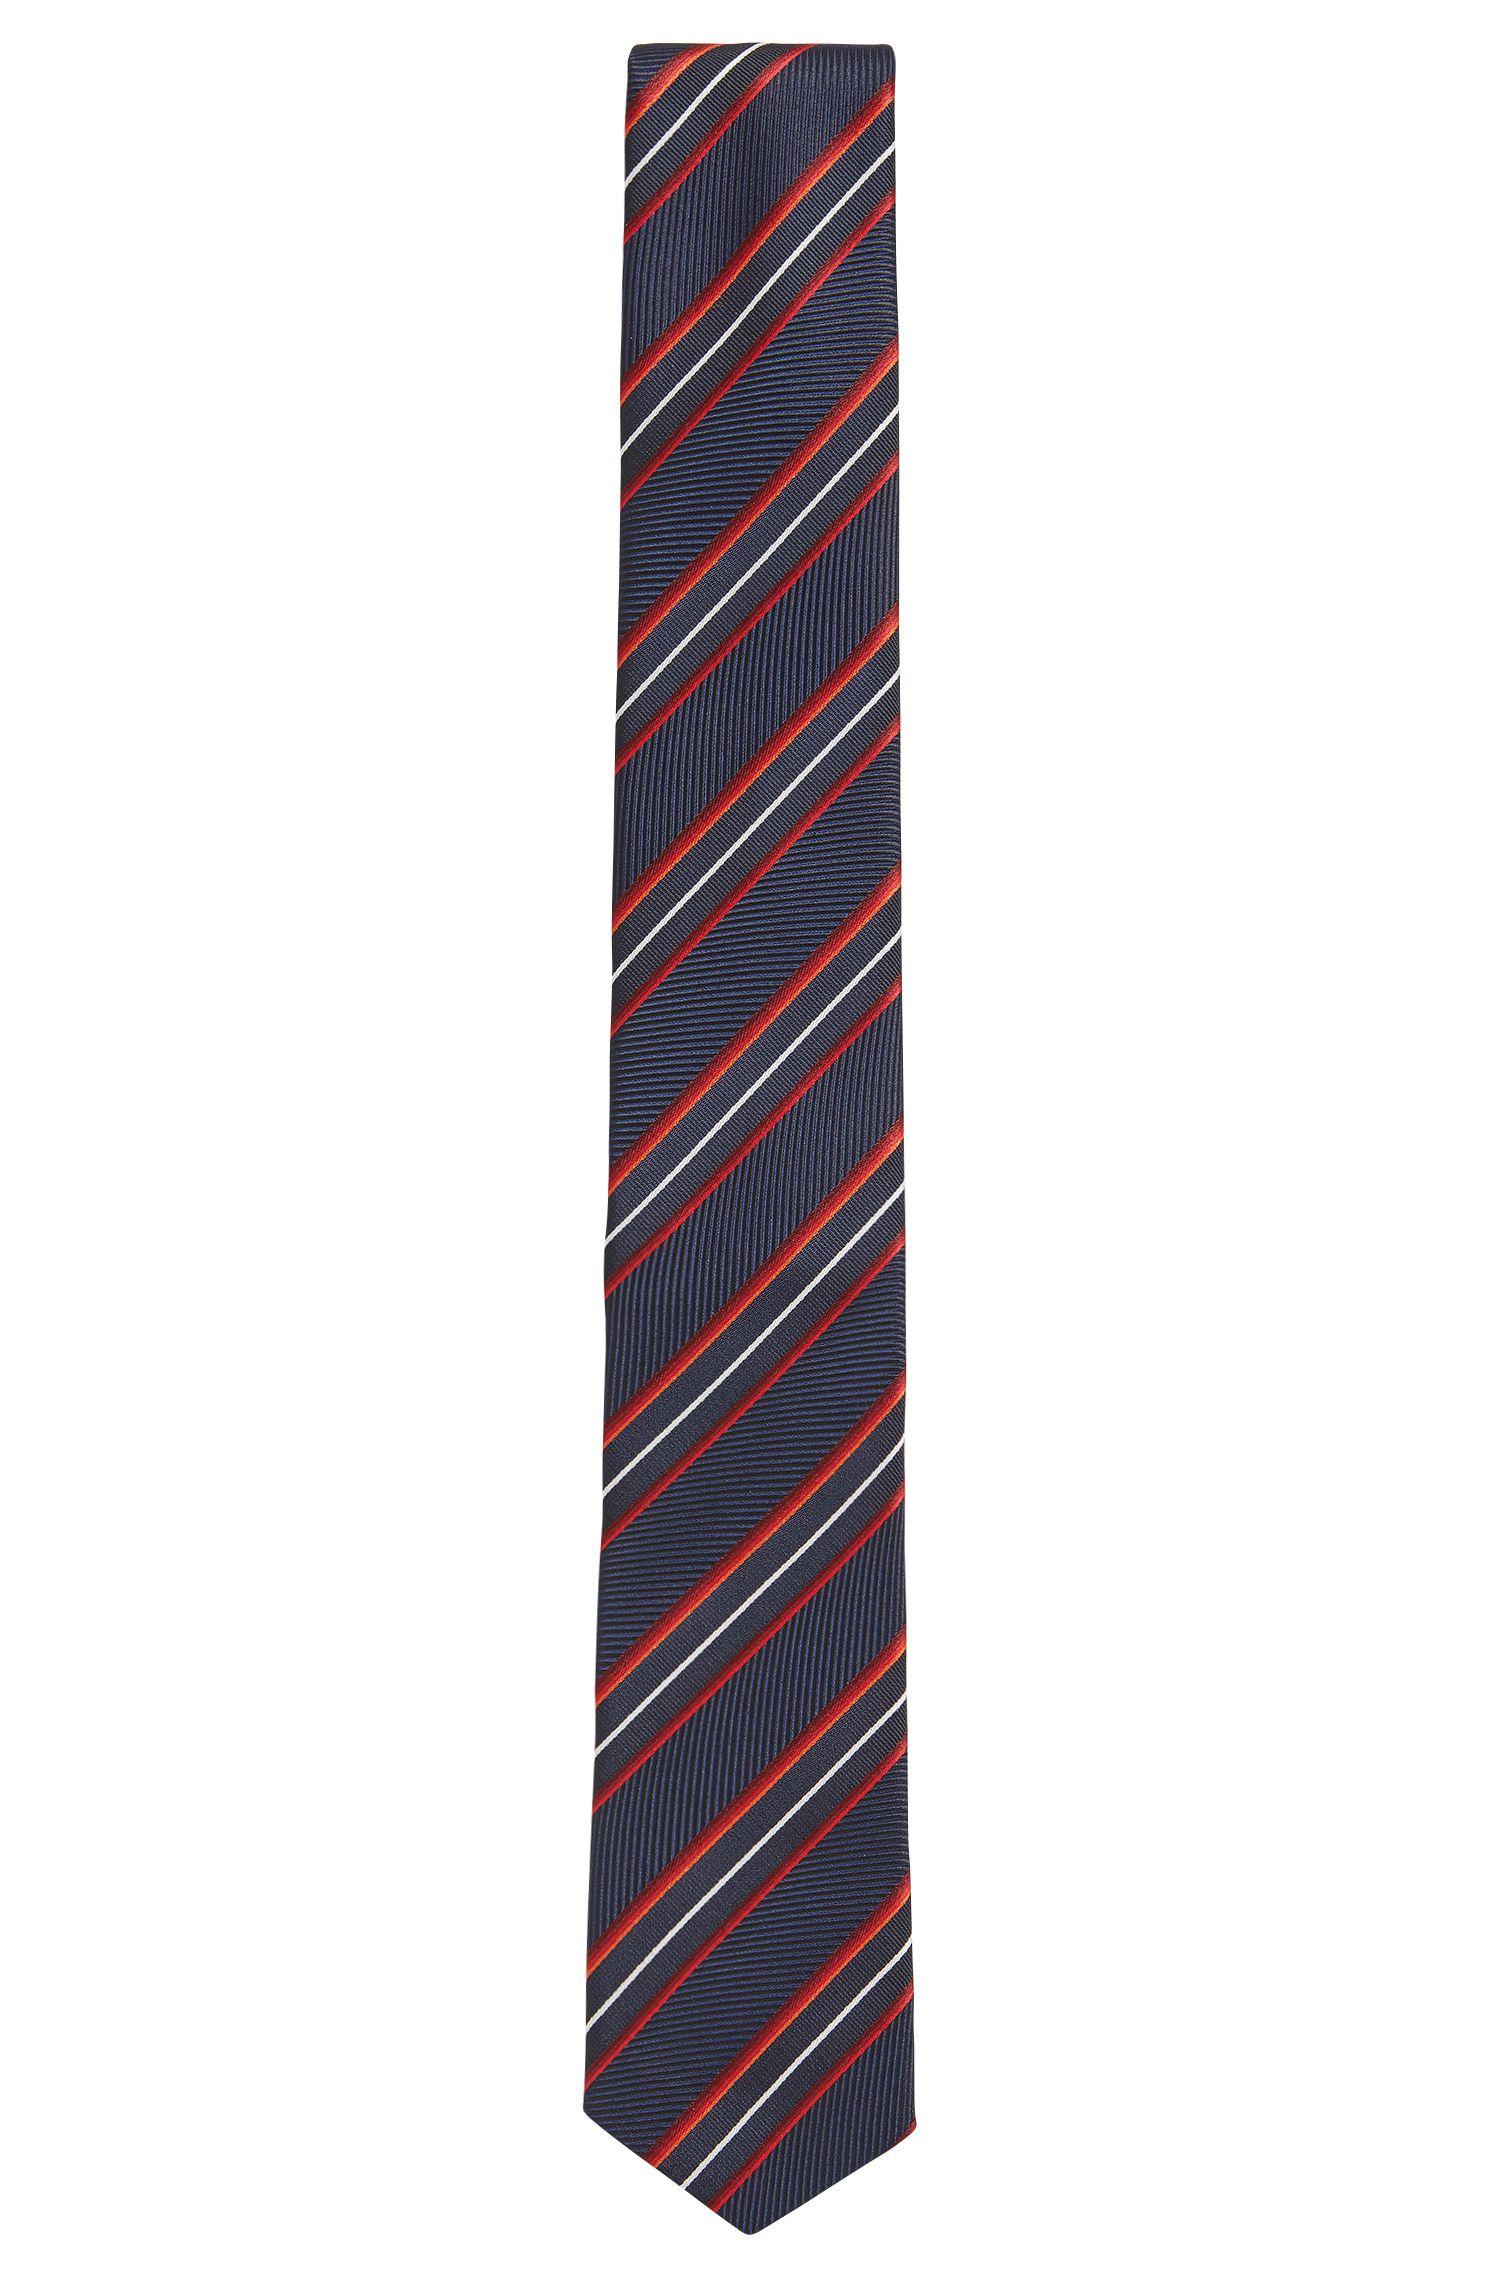 Cravate en soie à rayures texturées en forme de lame de scie